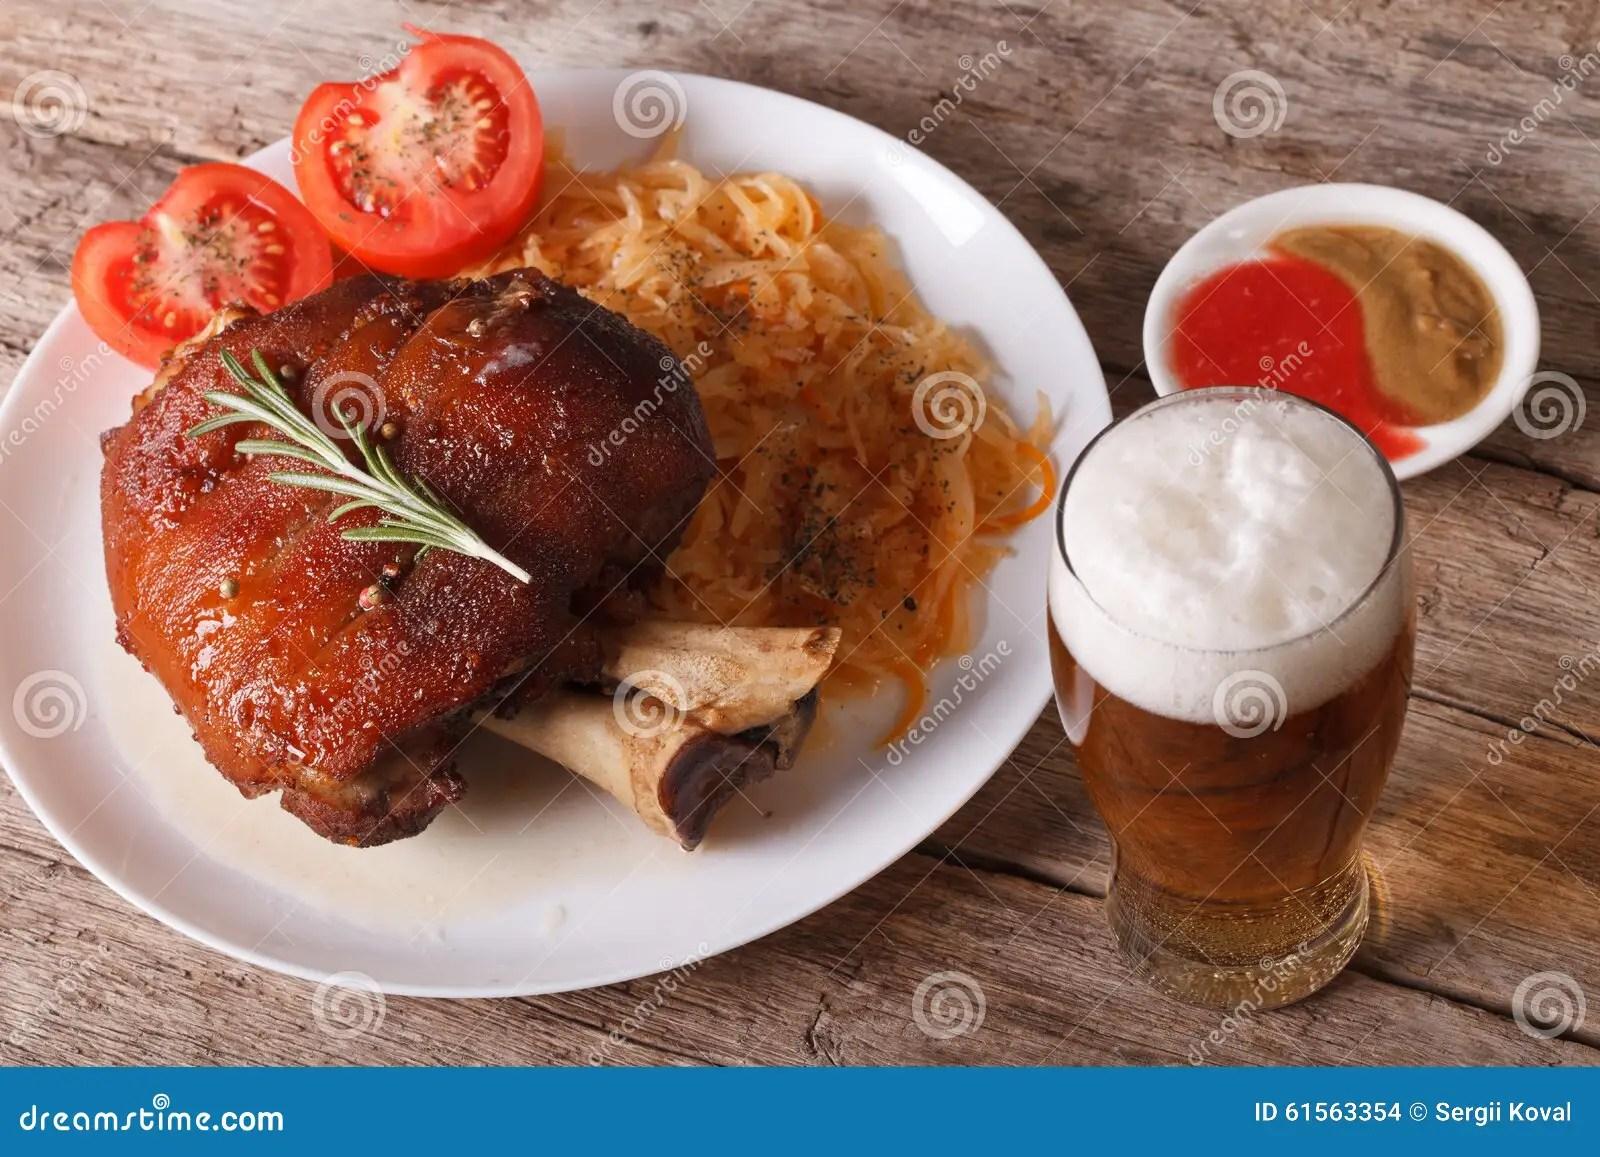 Cucina Tedesca Stinco Al Forno E Primo Piano E Birra Dei Crauti Fotografia Stock  Immagine